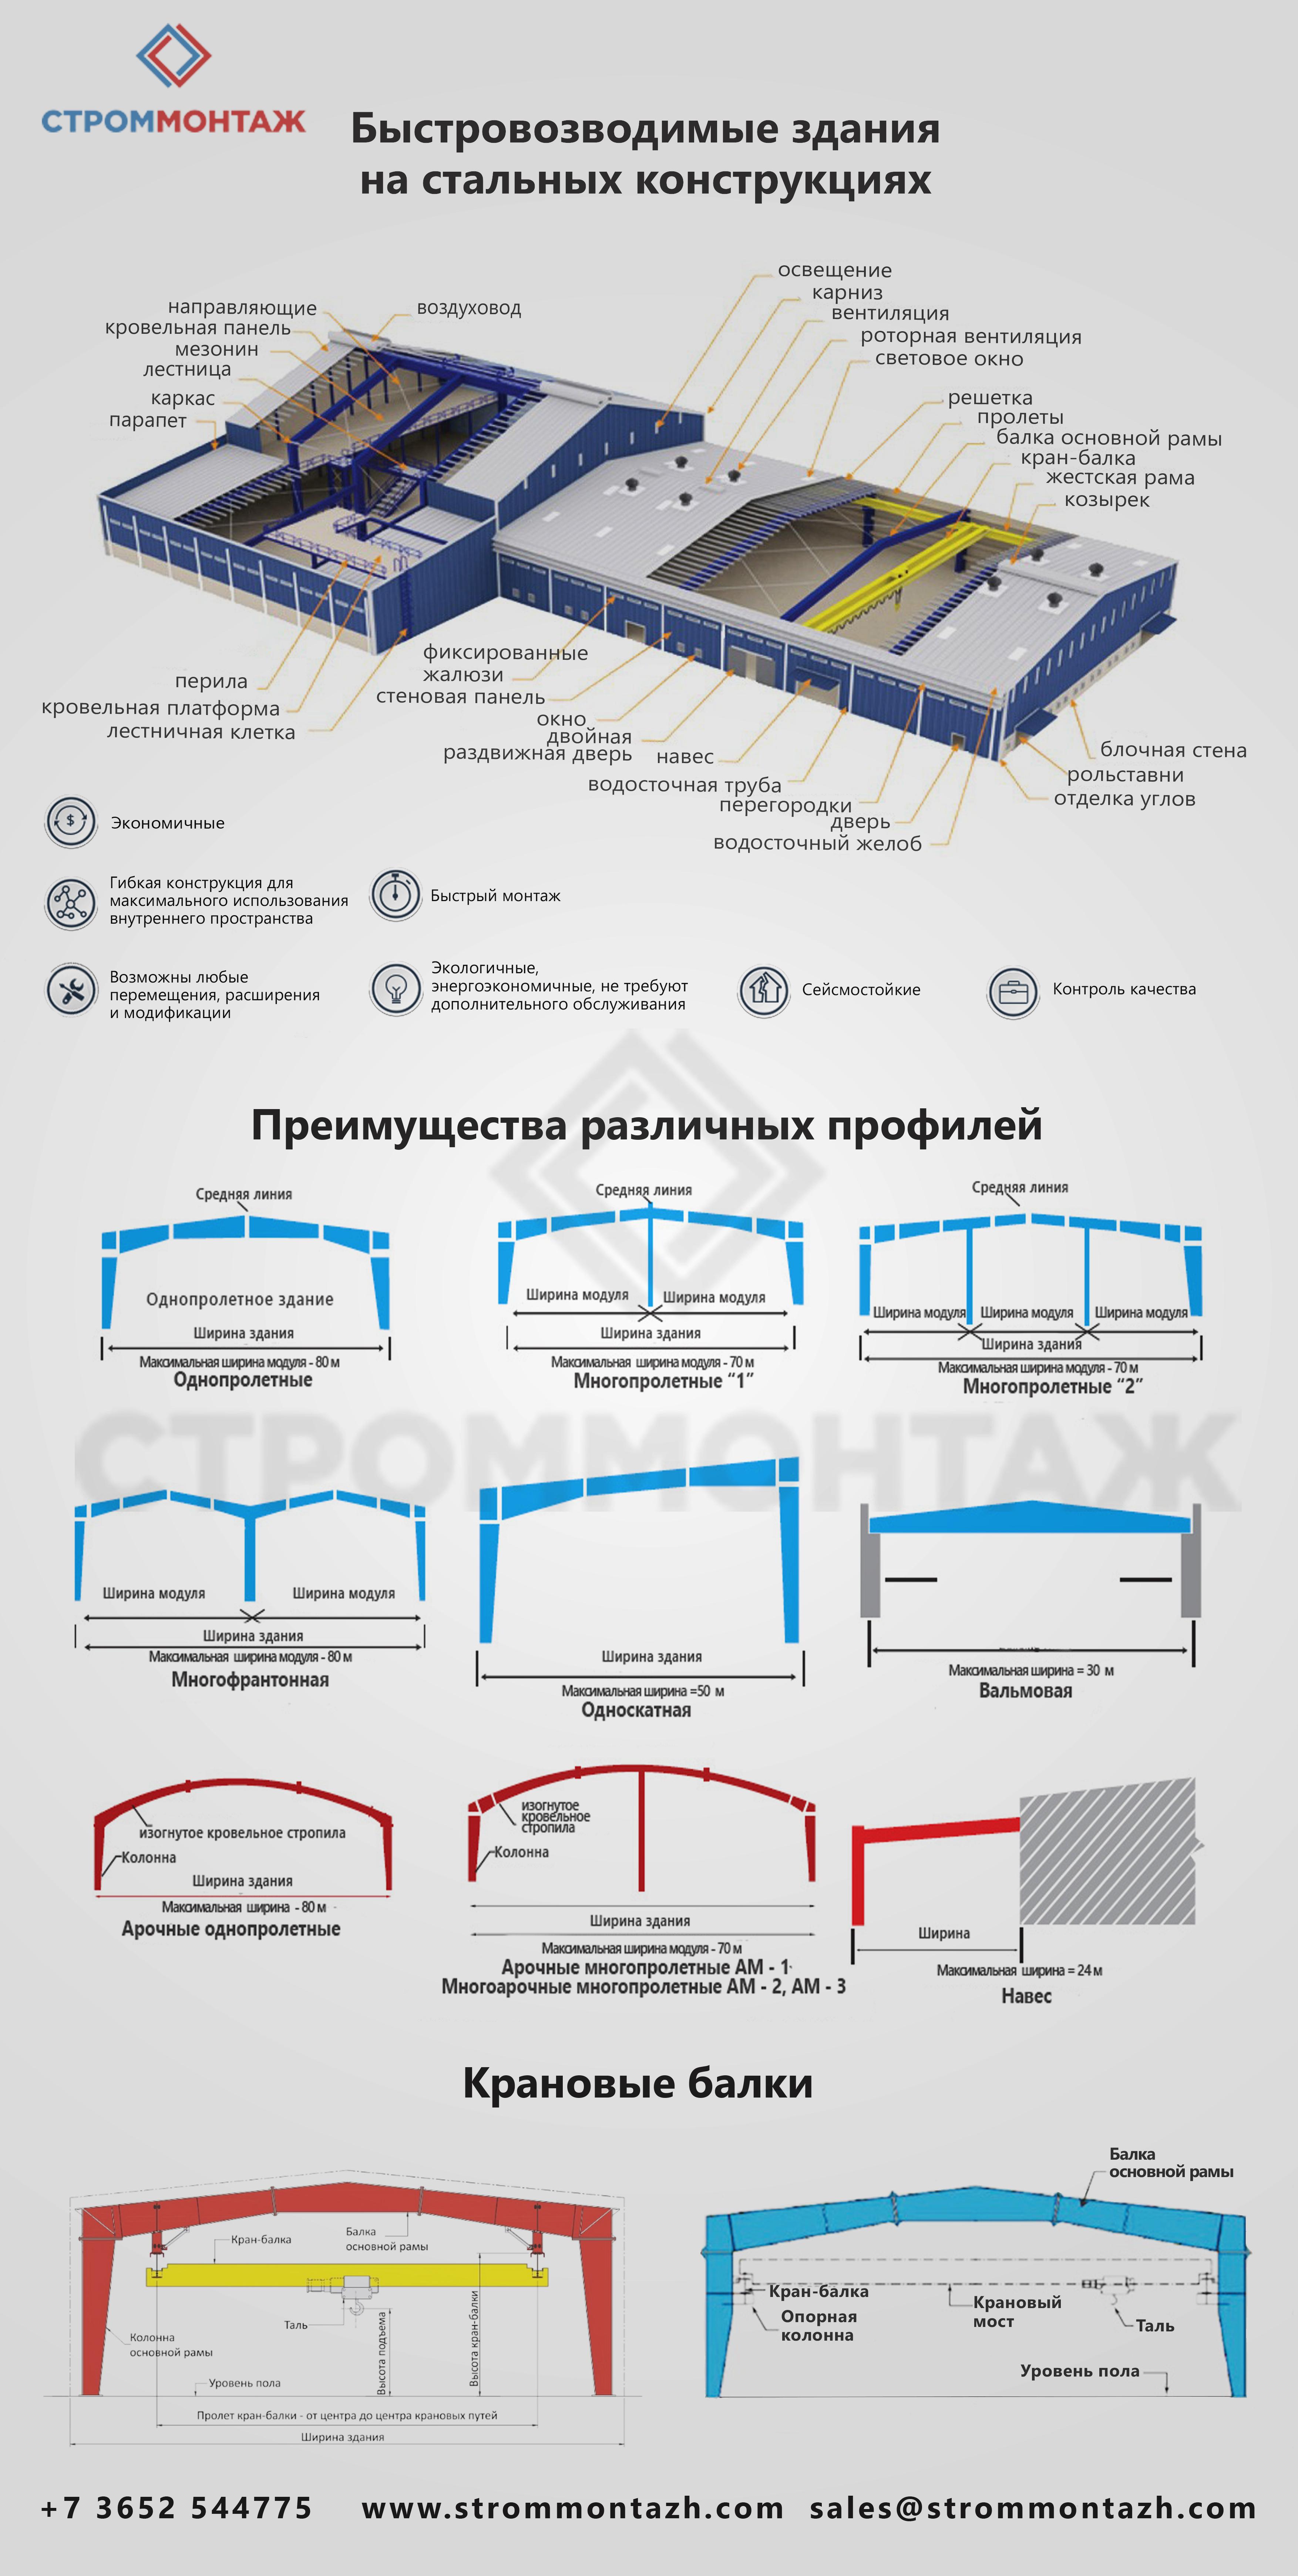 Быстровозводимые здания на стальных конструкциях